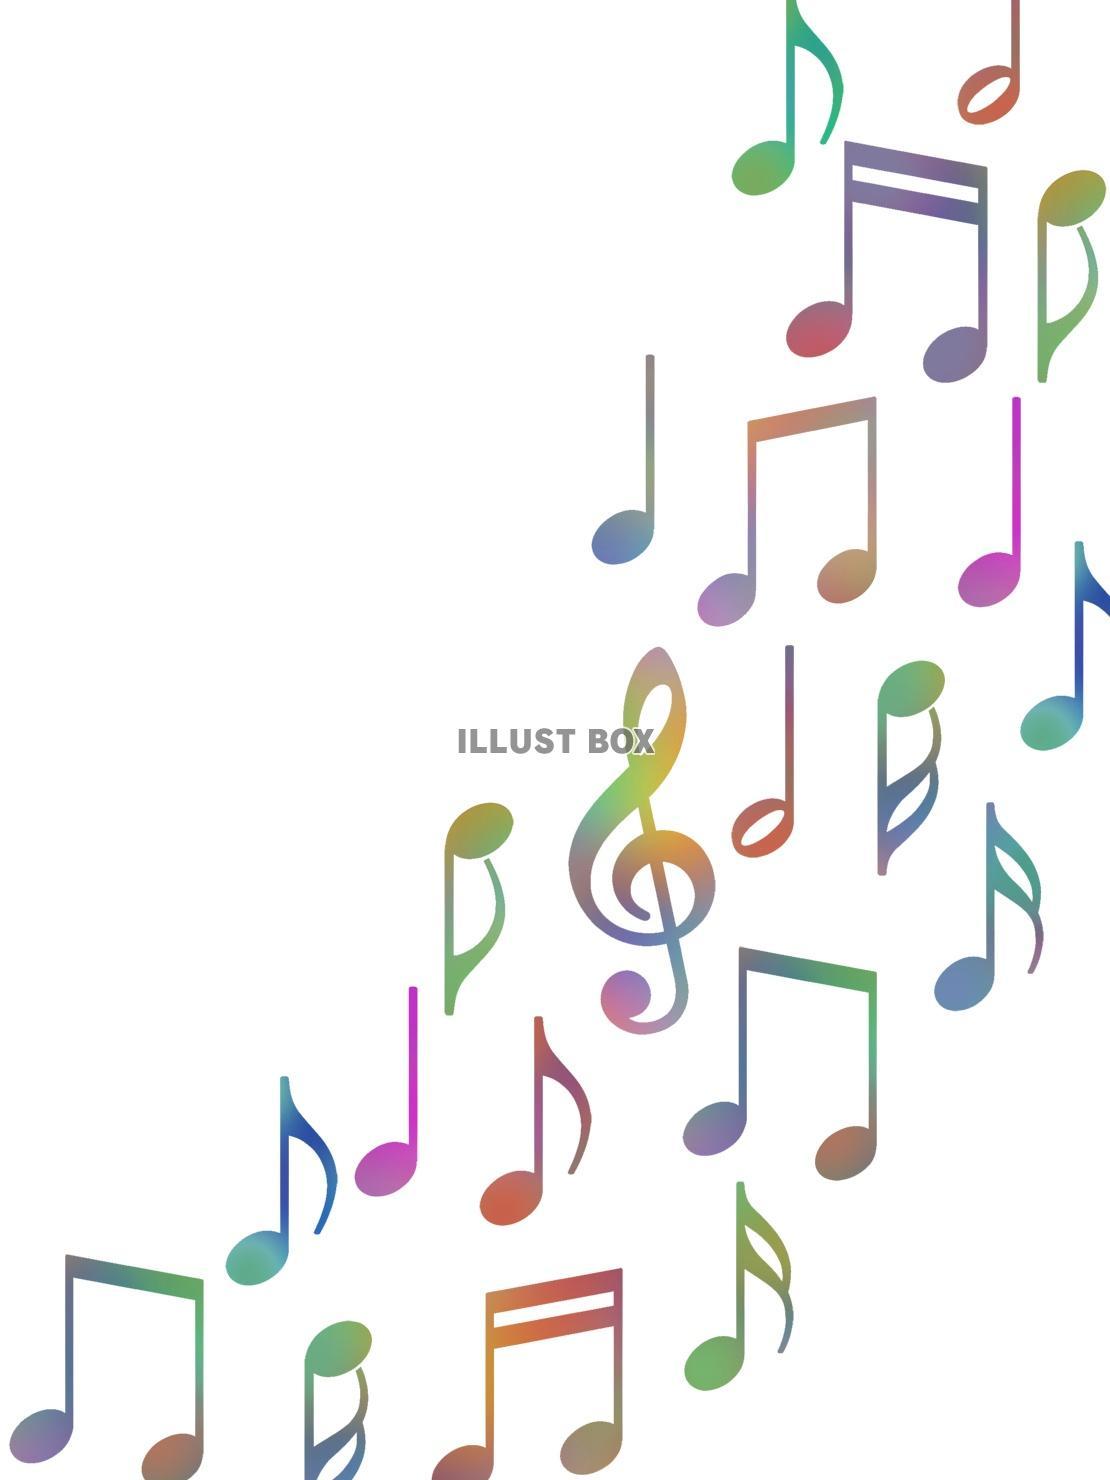 無料イラスト 音符壁紙画像カラフル音楽背景素材イラスト ベクターあり